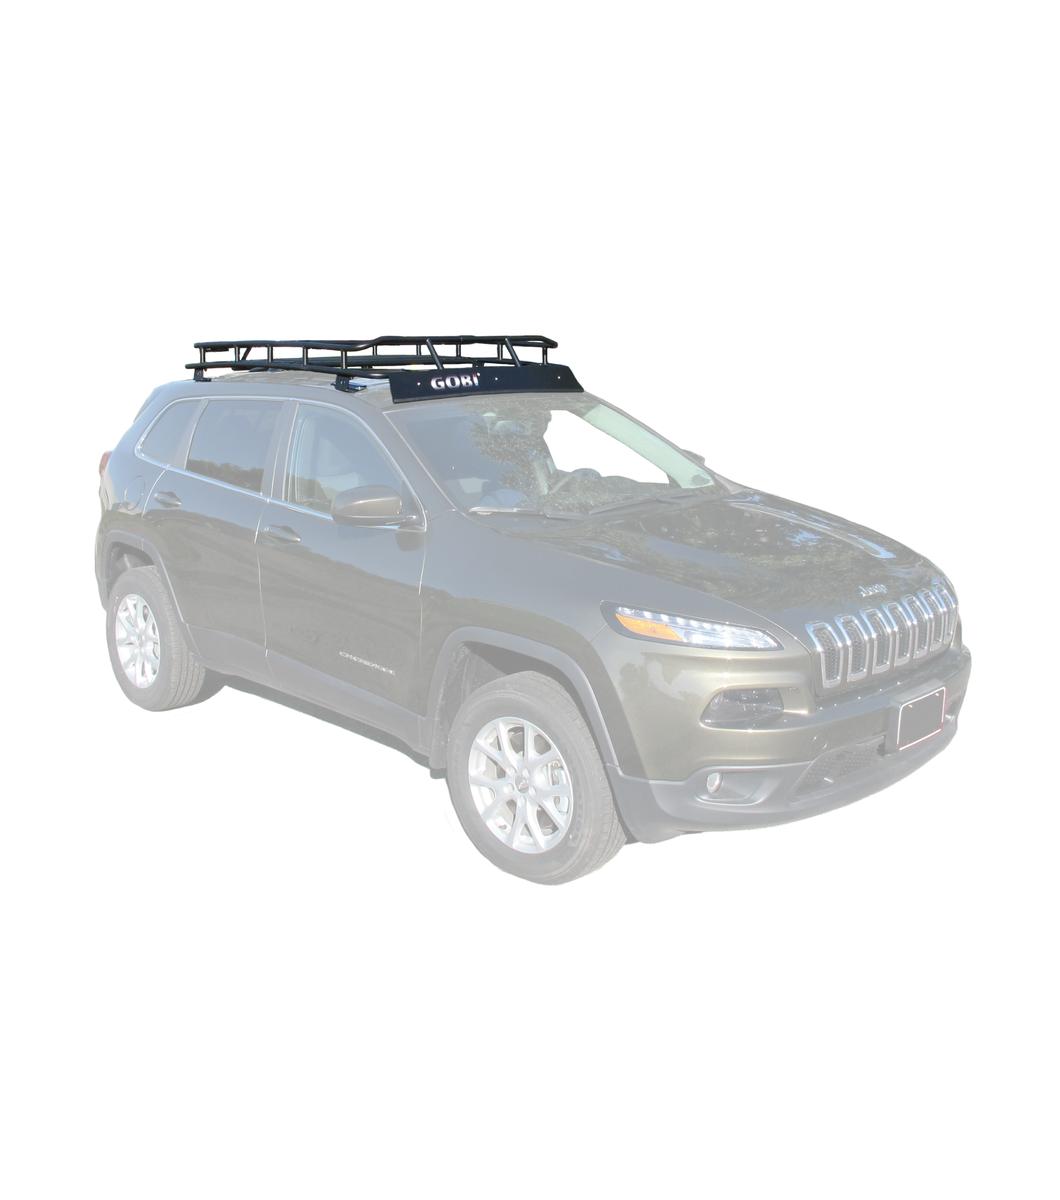 Gobi Jeep Cherokee Kl Ranger Rack With Sunroof Multi Light